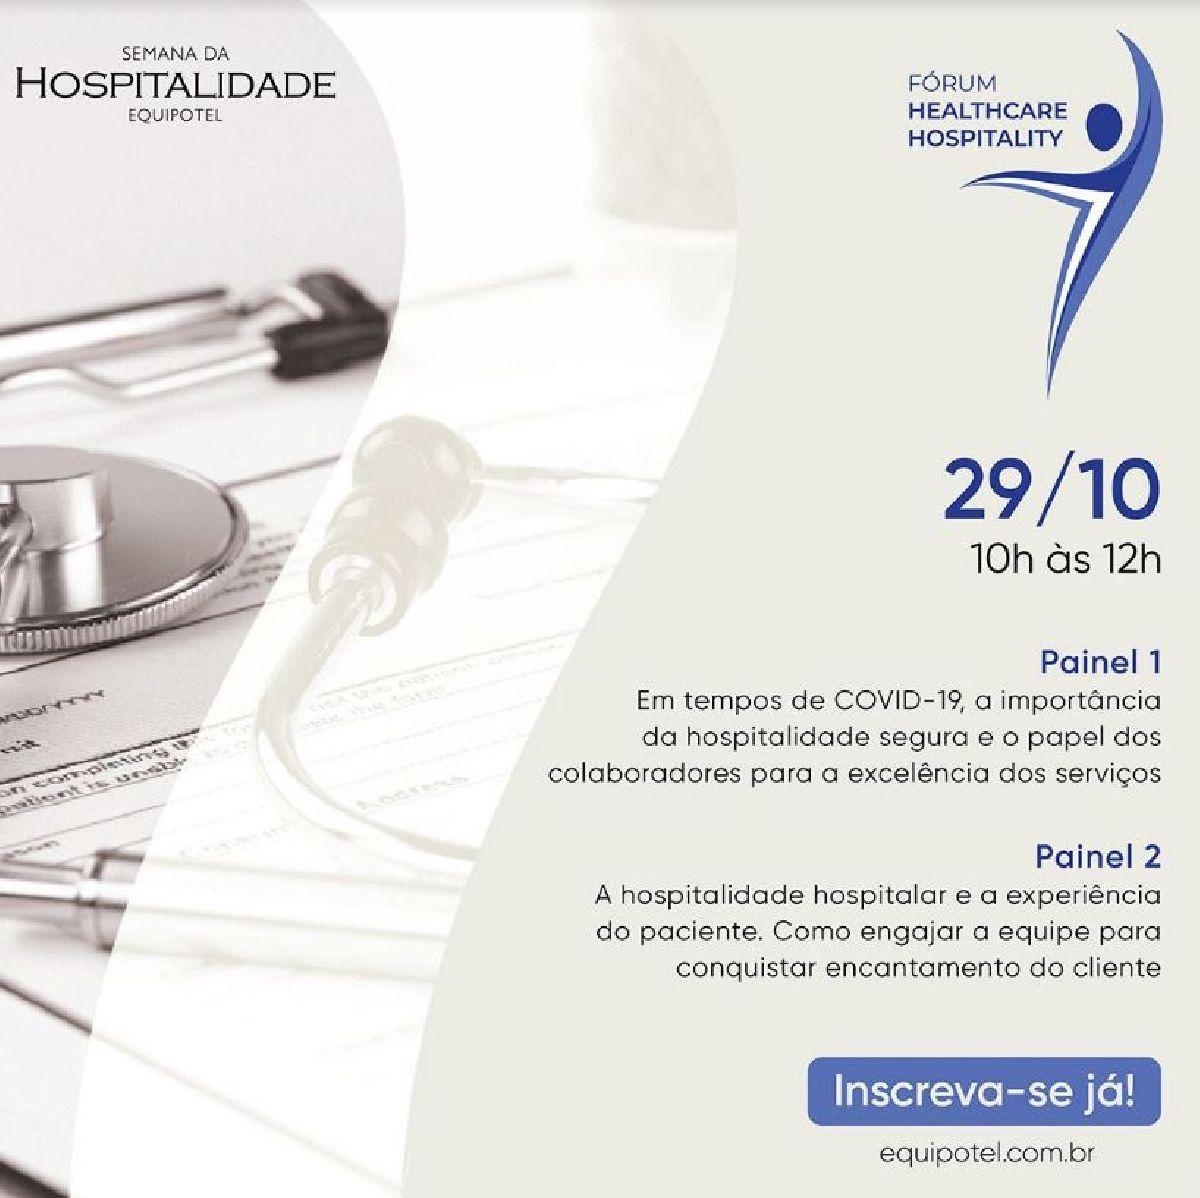 EQUIPOTEL REALIZA PRIMEIRO FÓRUM HEALTHCARE HOSPITALITY NA SEMANA DA HOSPITALIDADE